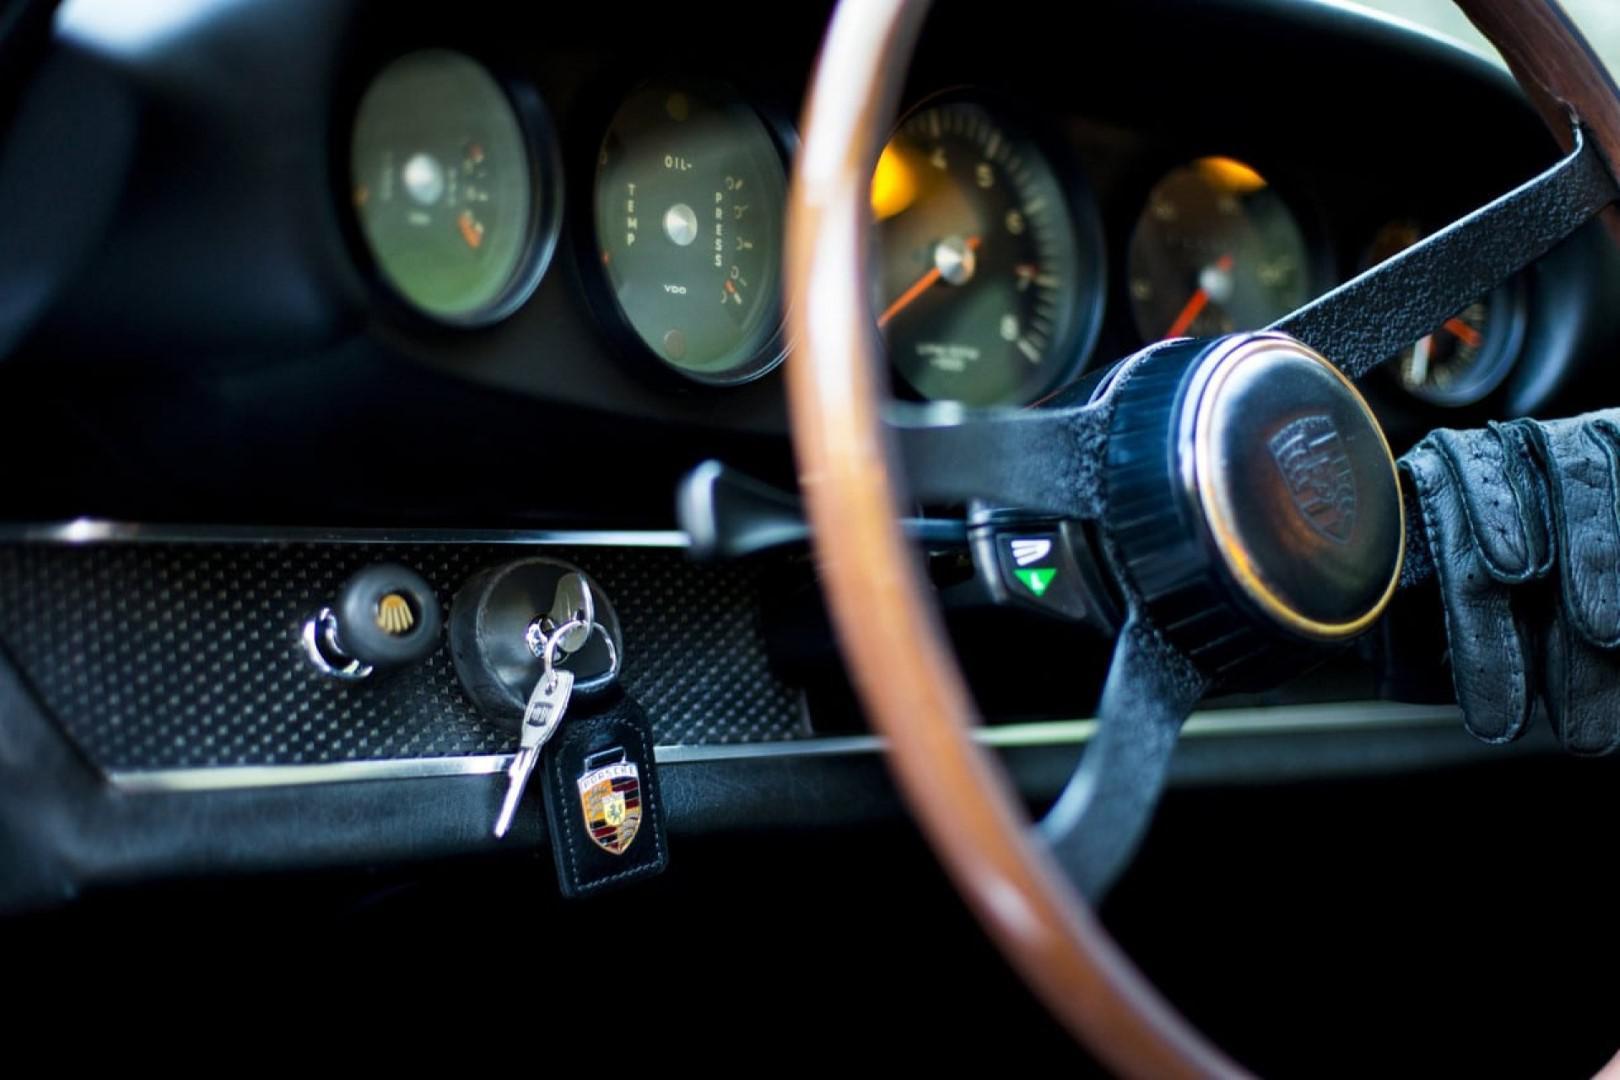 Détails uniques de certaines marques automobiles